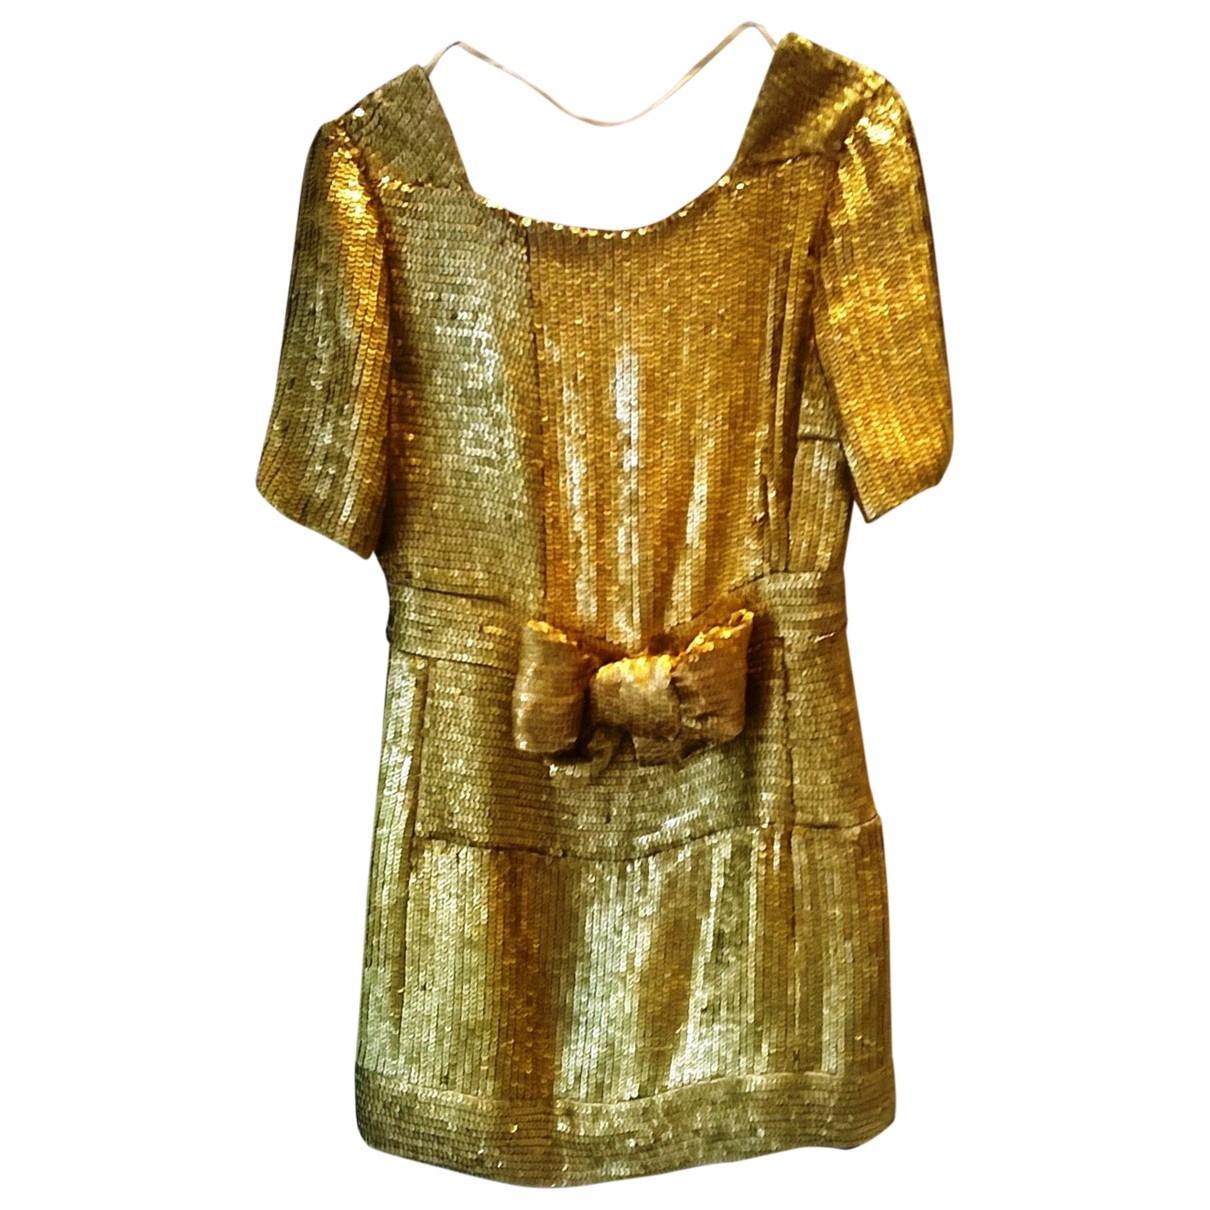 Yves Saint Laurent \N Gold Glitter dress for Women 36 FR